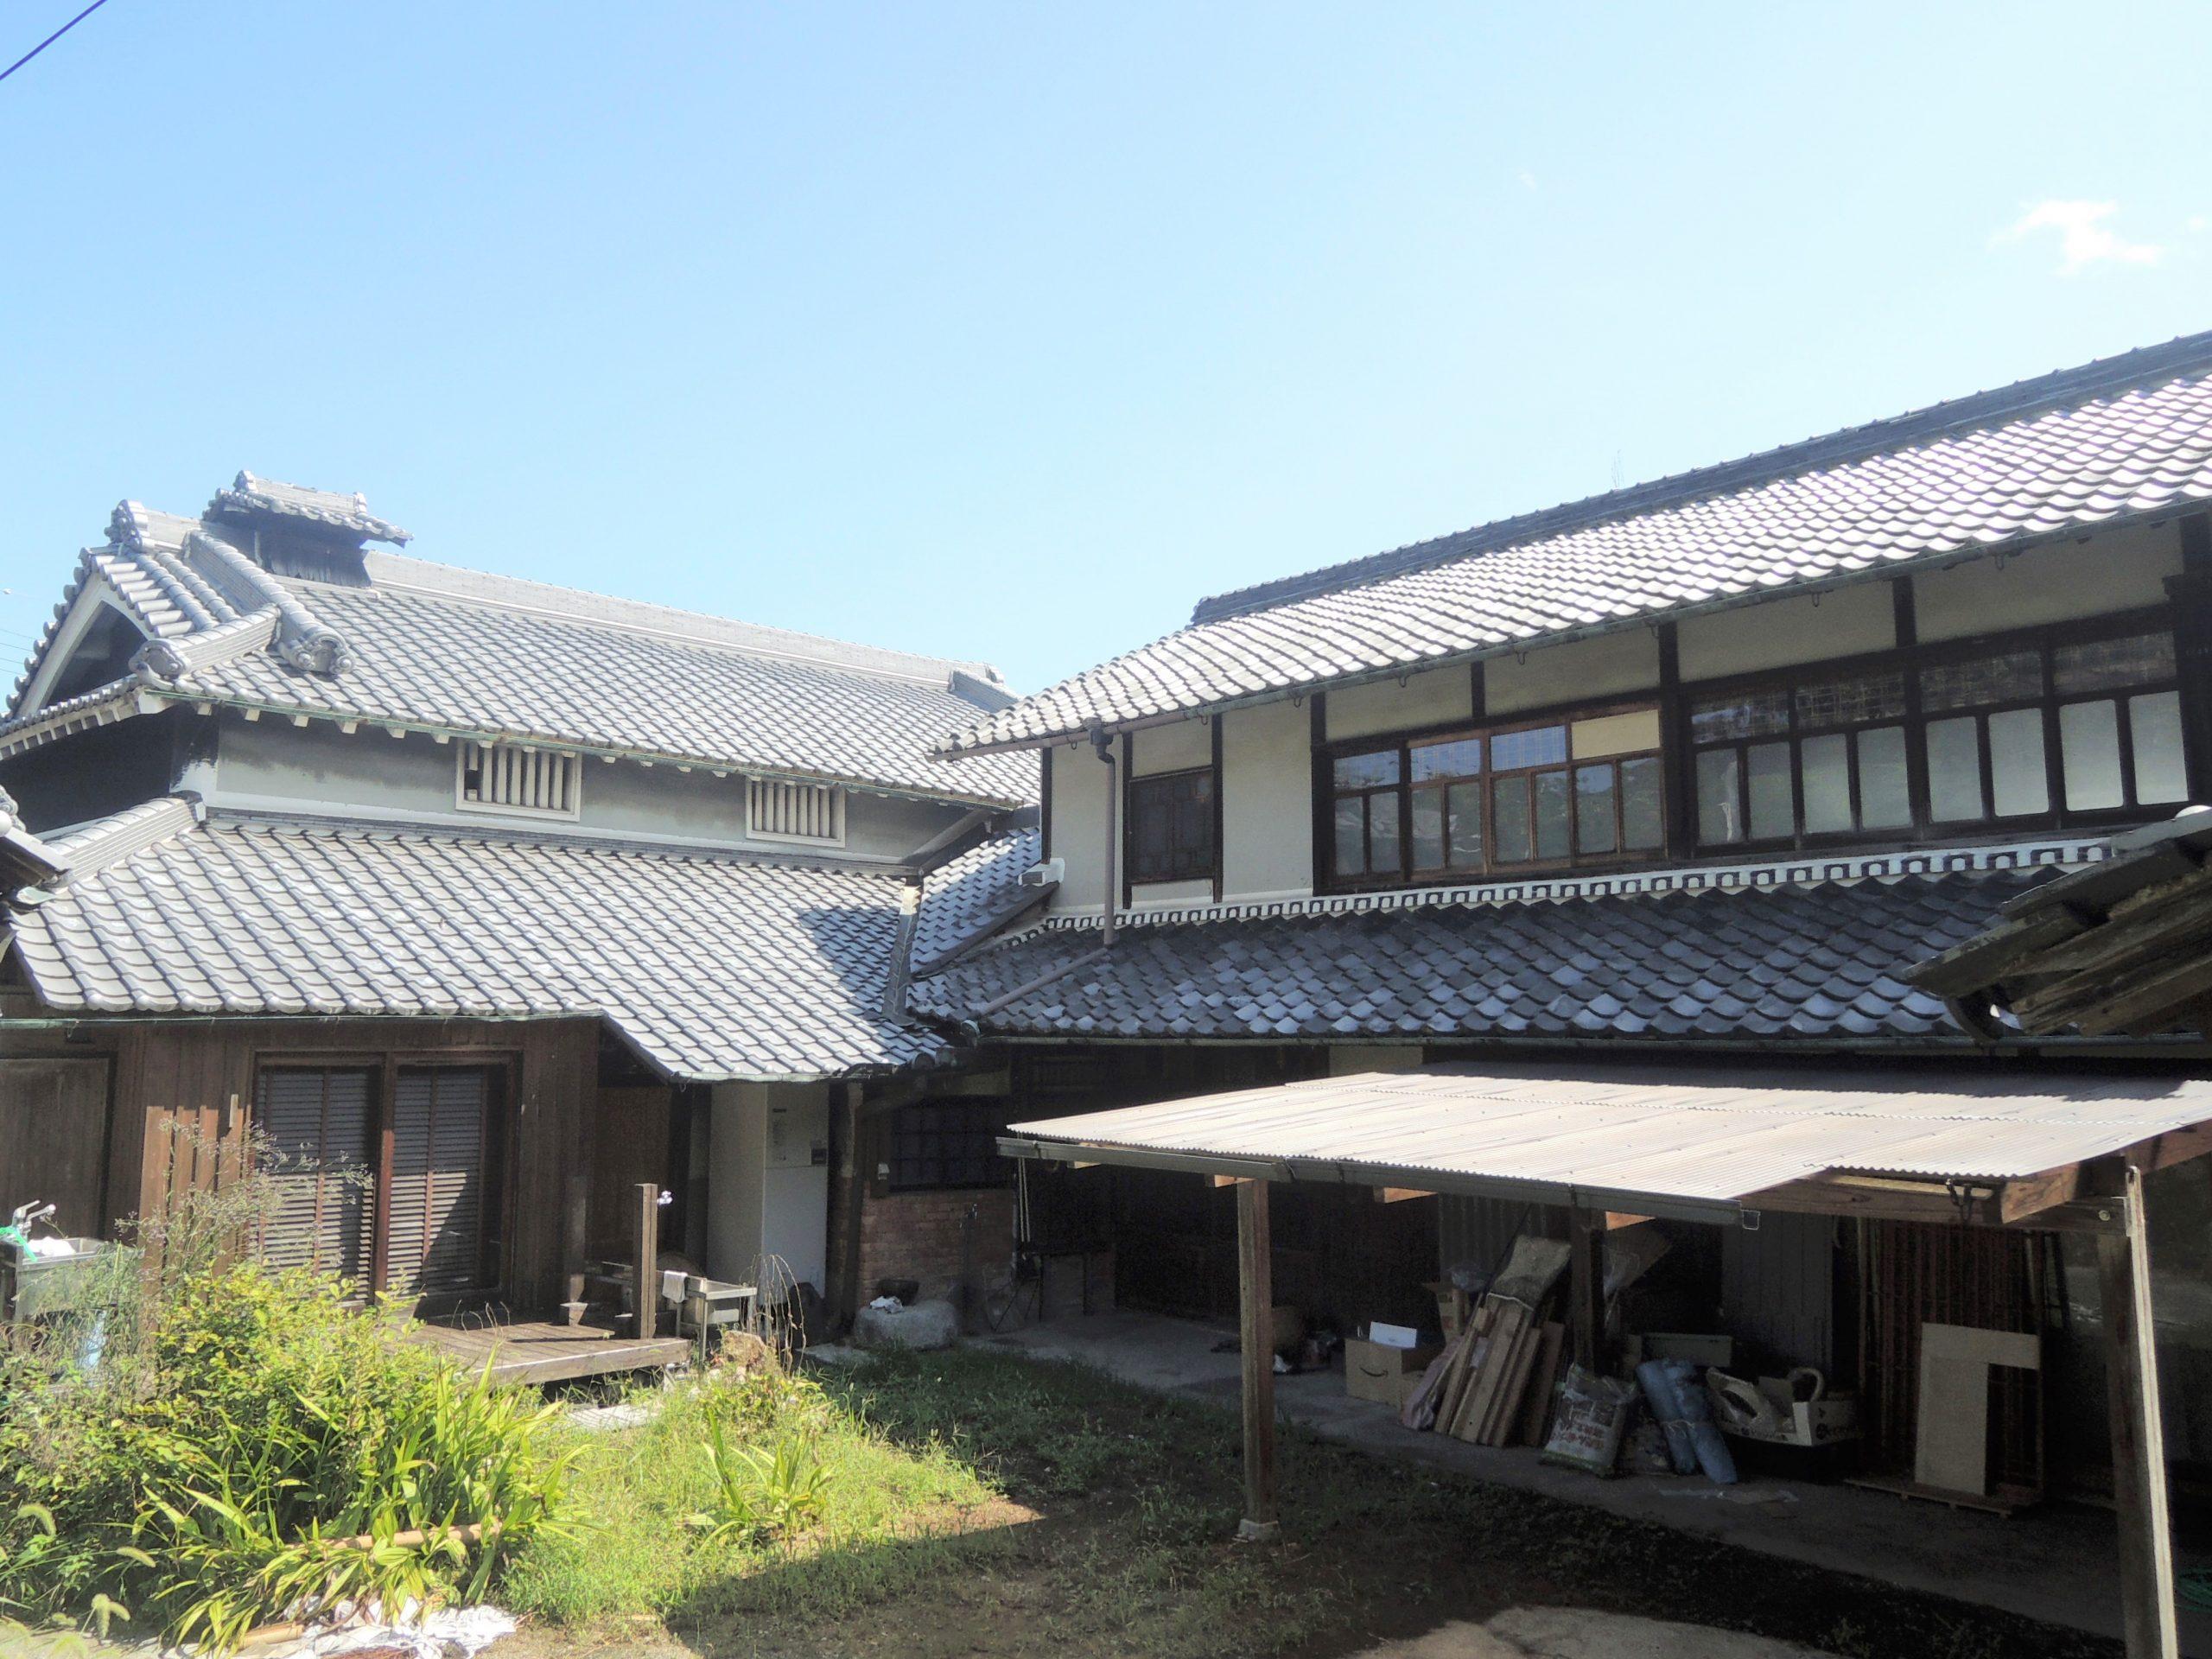 <p>西に面する座敷蔵</p>桁行6間,梁間2間半の切妻造平入桟瓦葺の木造2階建。外壁を真壁造、1階の腰を板壁,上部は漆喰塗。